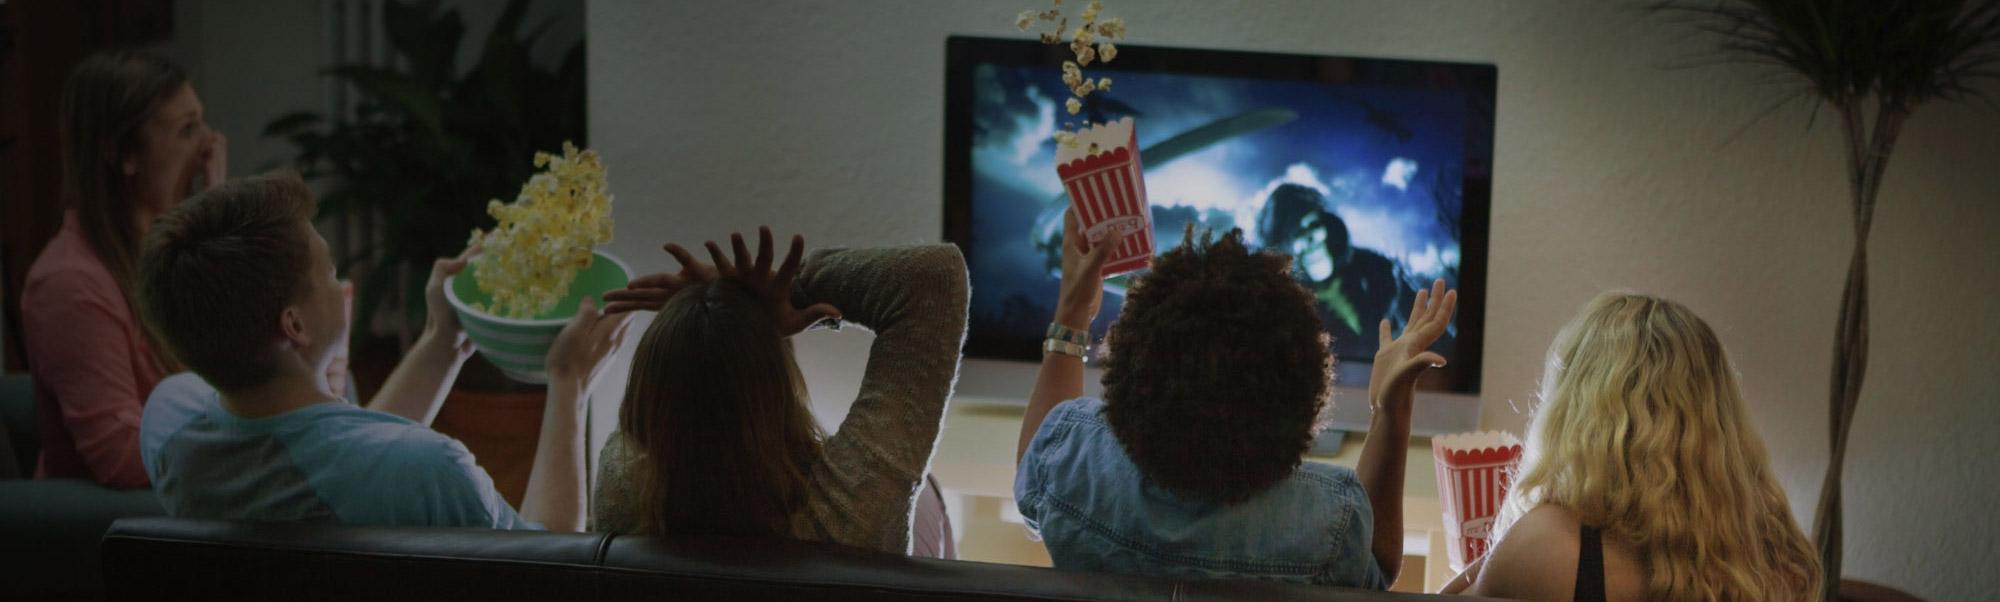 Se de nyeste filmene & TV-programmene uansett hvor du er